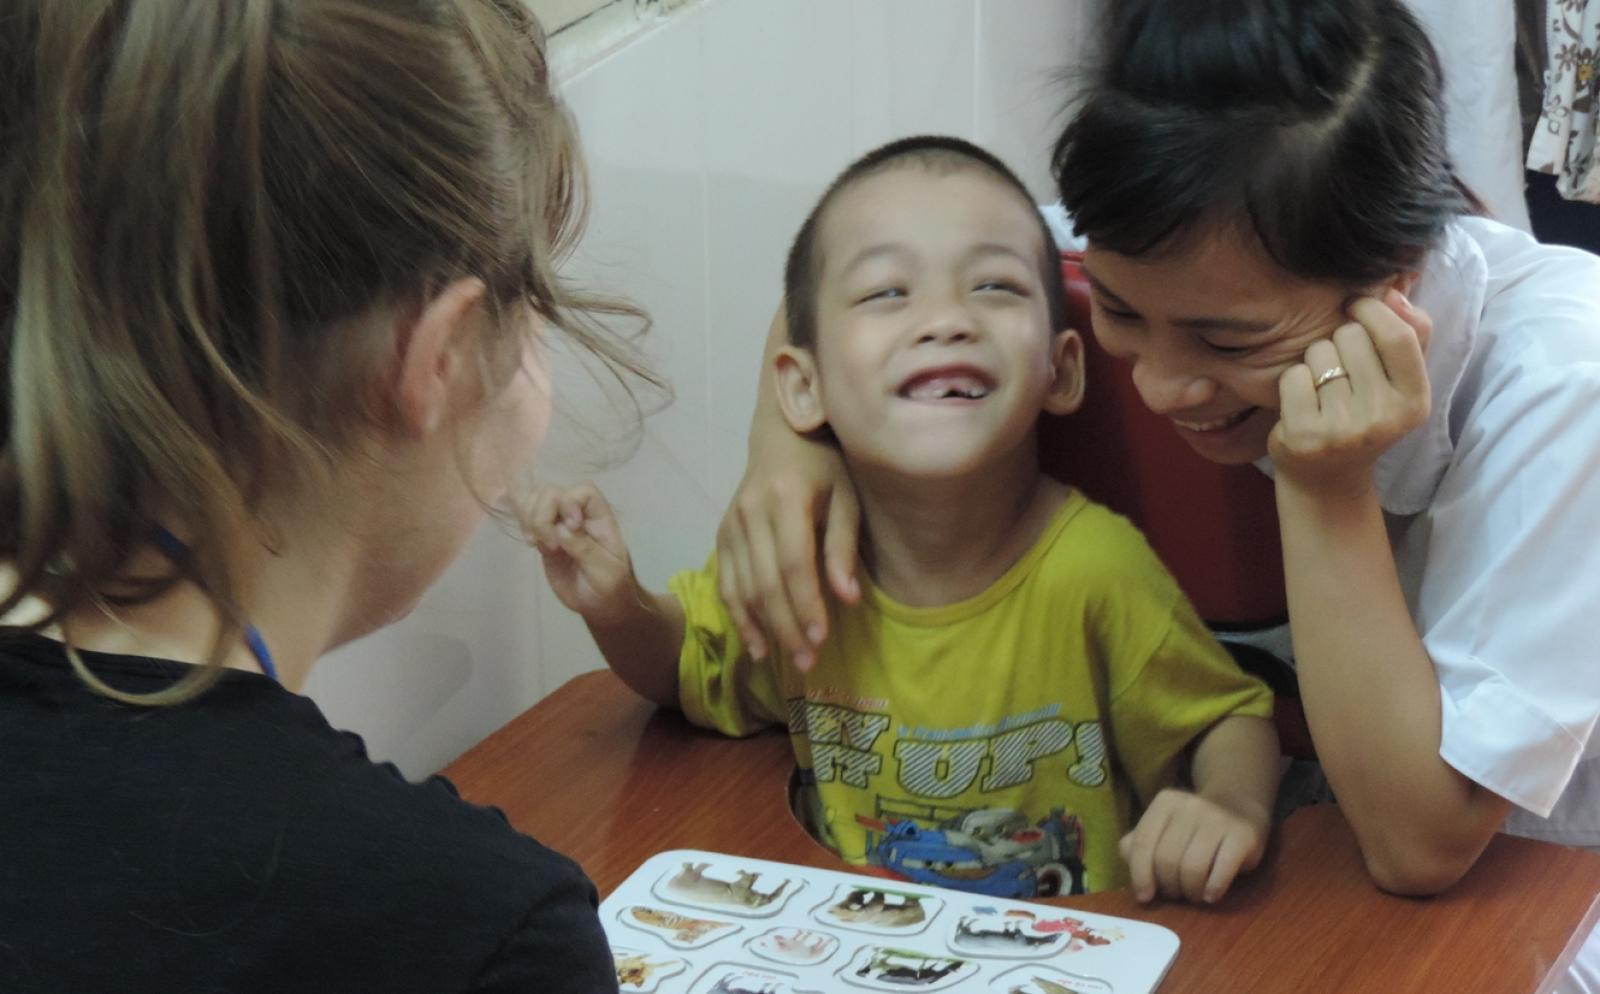 発展途上国の小児患者のリハビリをサポートする作業療法インターン